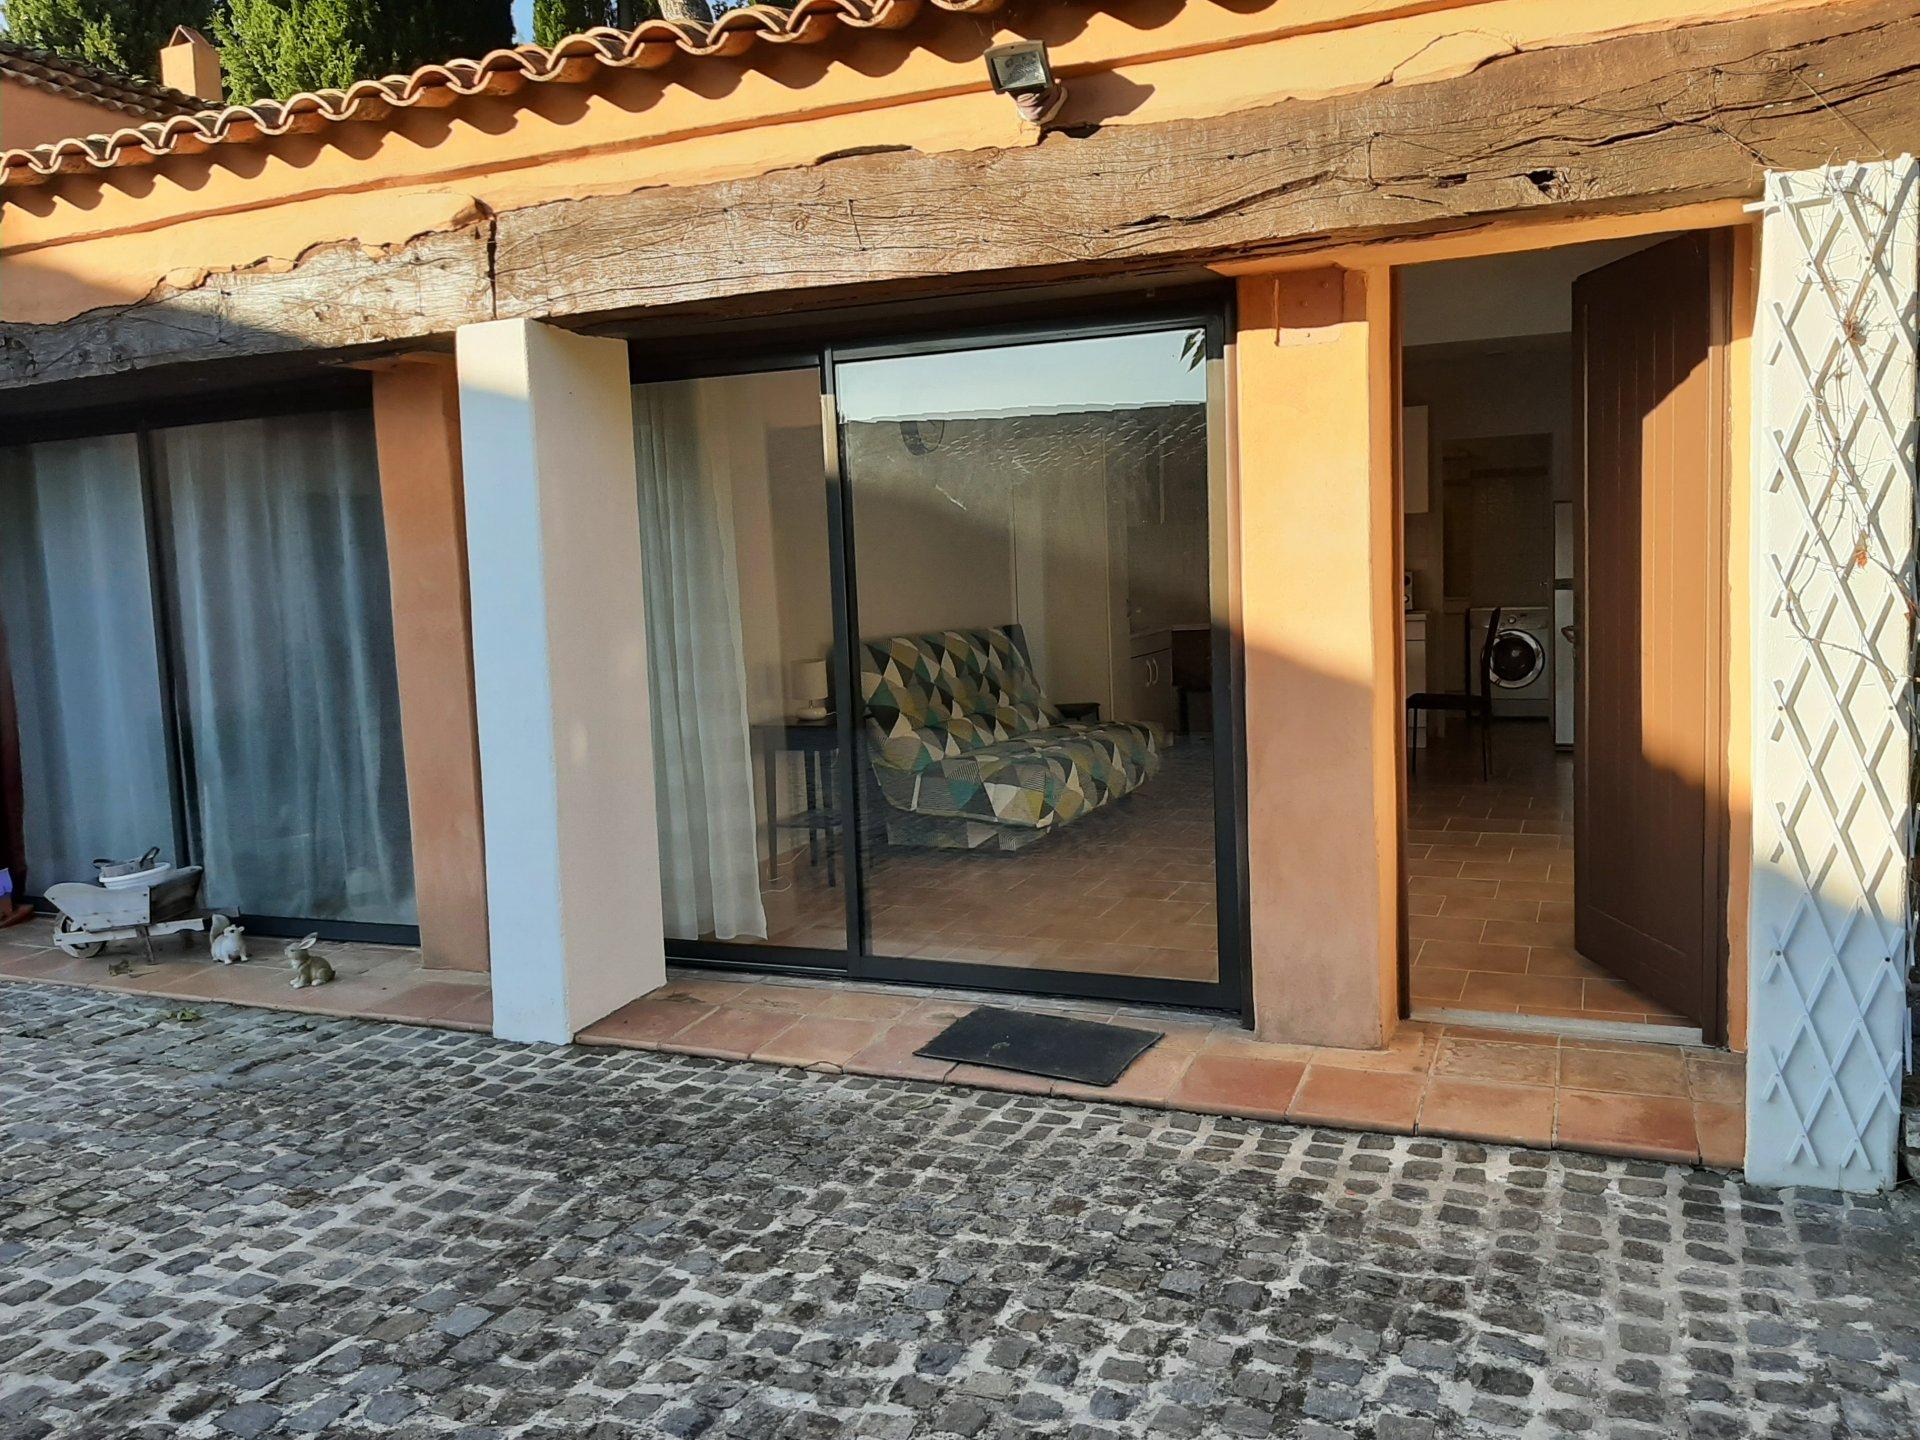 Location studio dans résidence avec parking